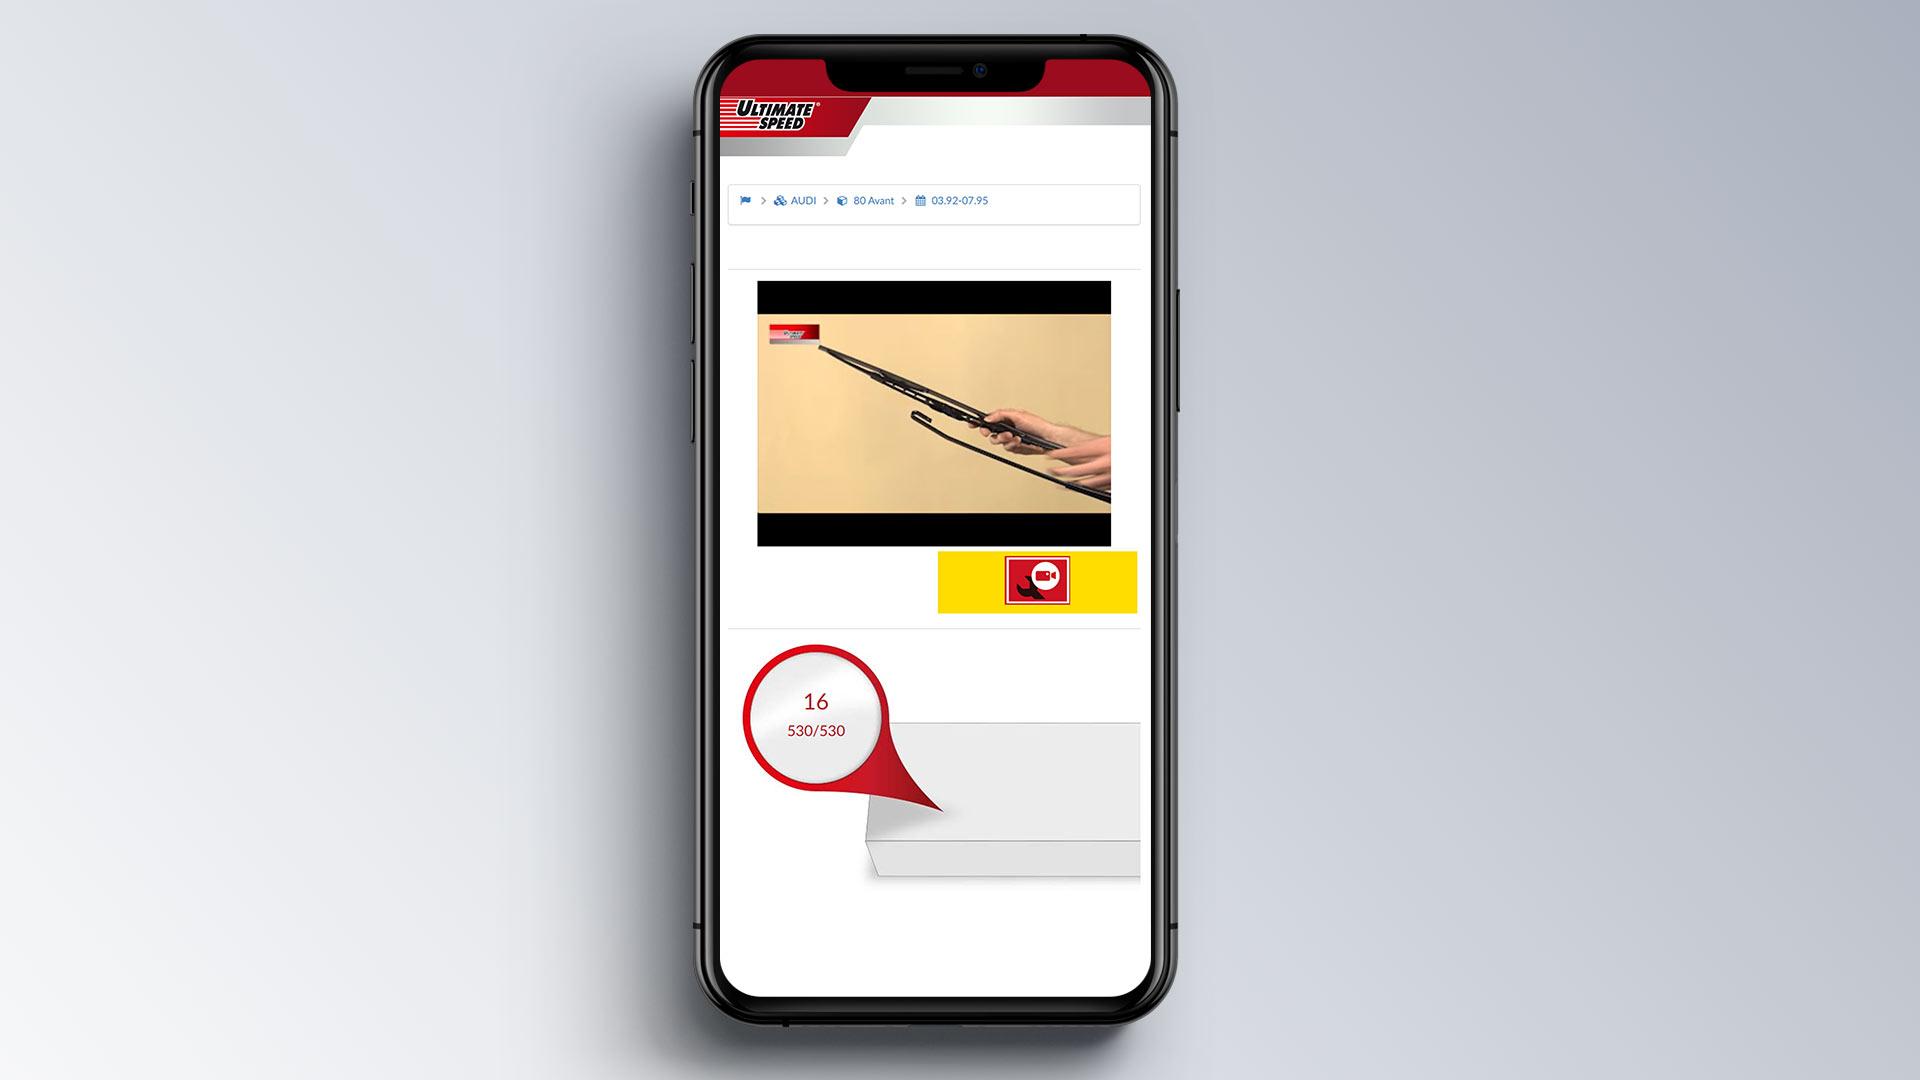 Ultimate Speed Wischerkonfigurator Konfigurator Internetseite mobile Ansicht